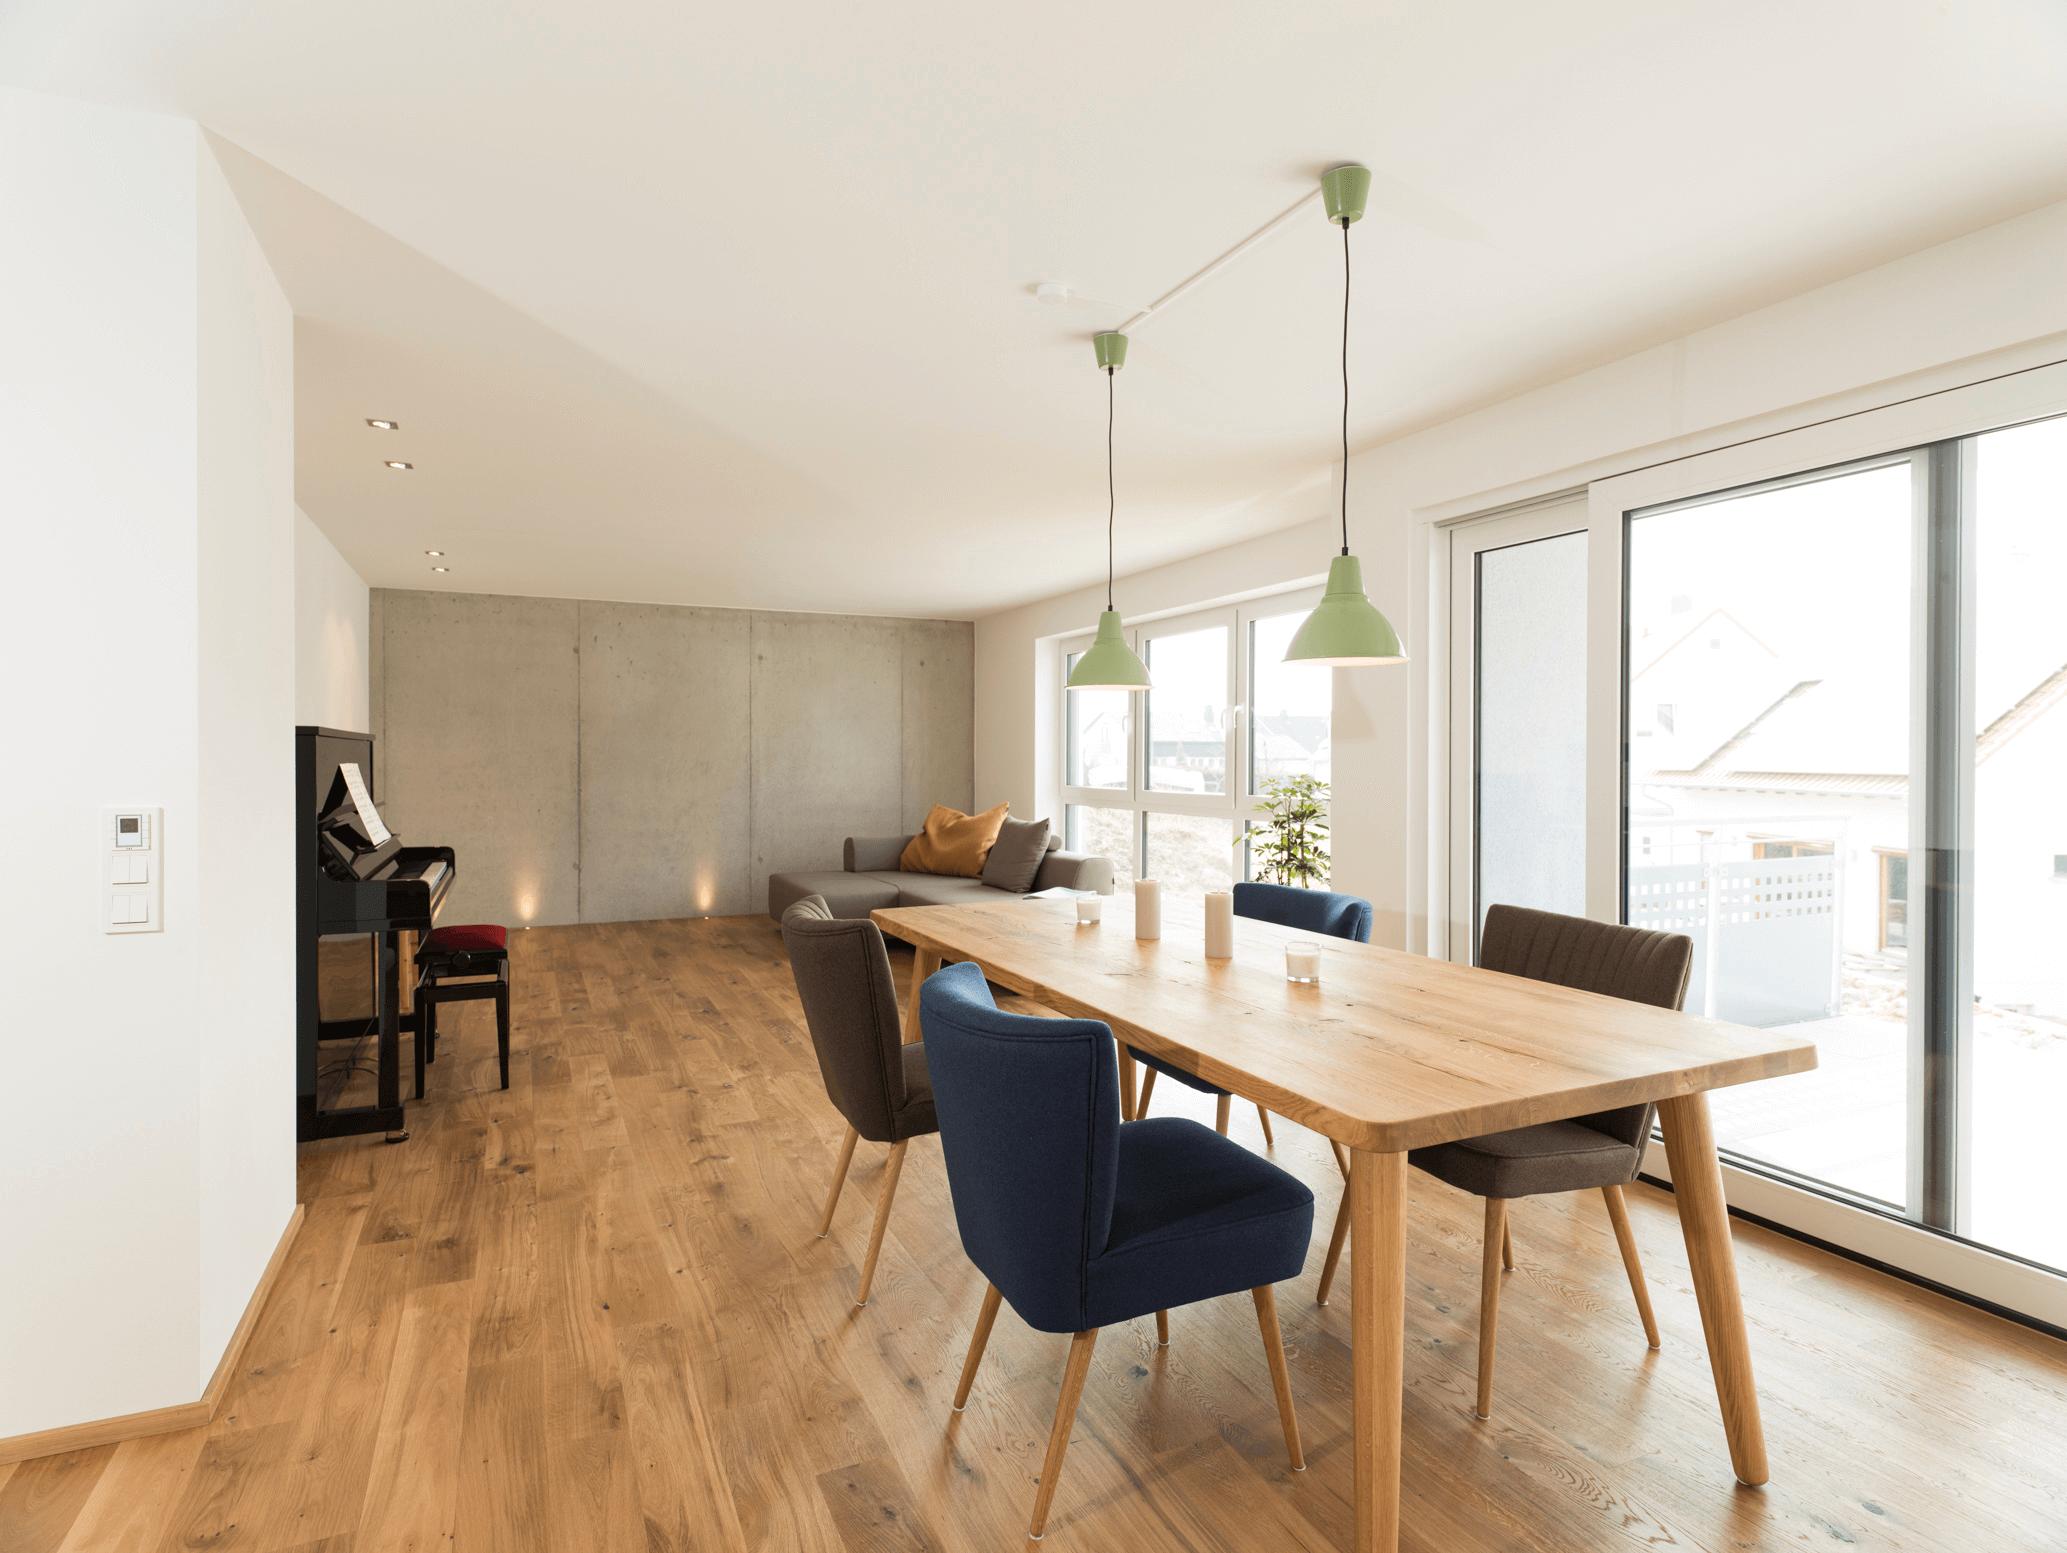 Parkett in der Küche – Der perfekte Wohlfühlboden | UZIN ...